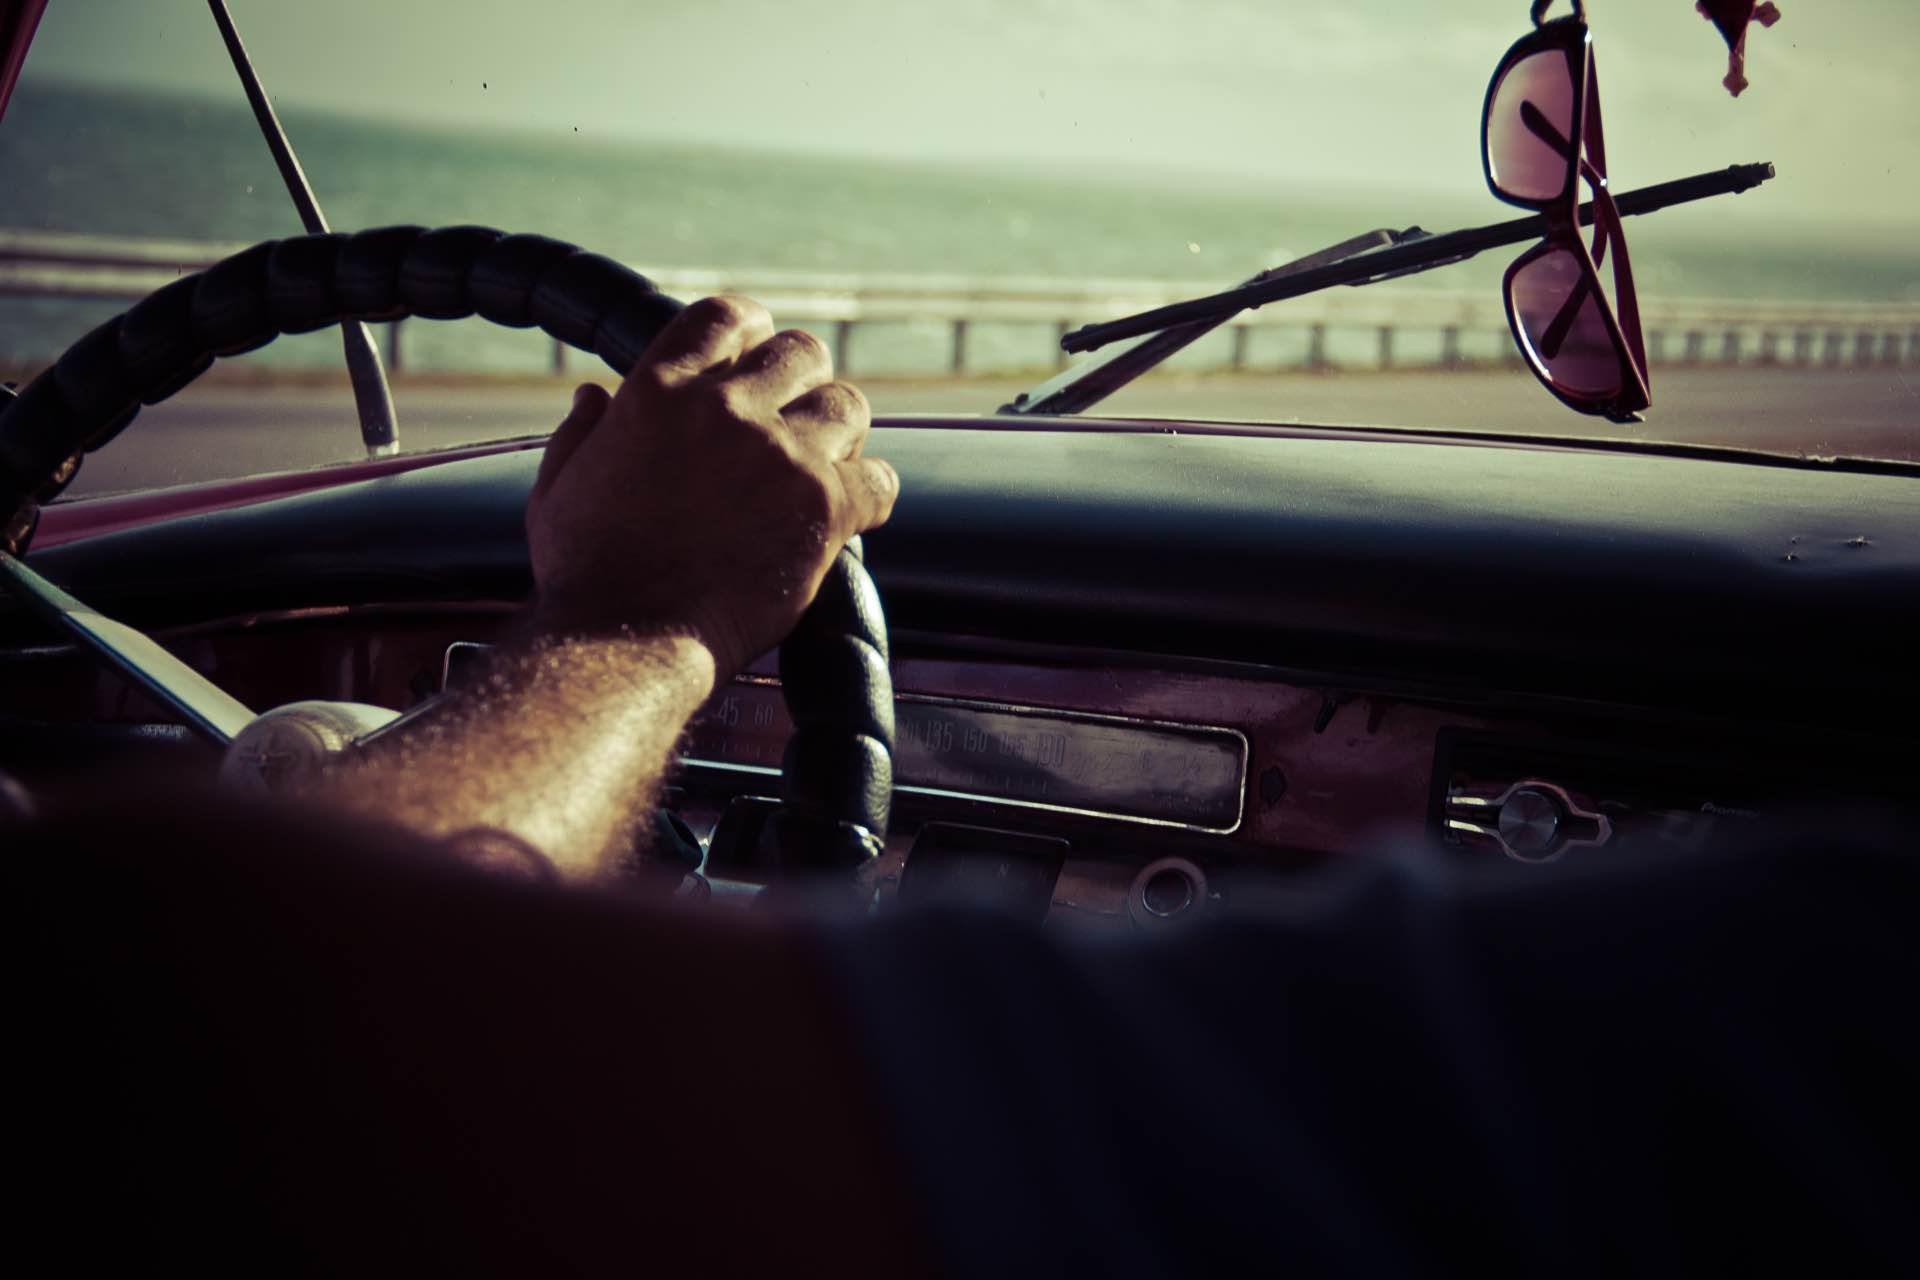 نصائح لقيادة السيارة بدون توتر او إجهاد